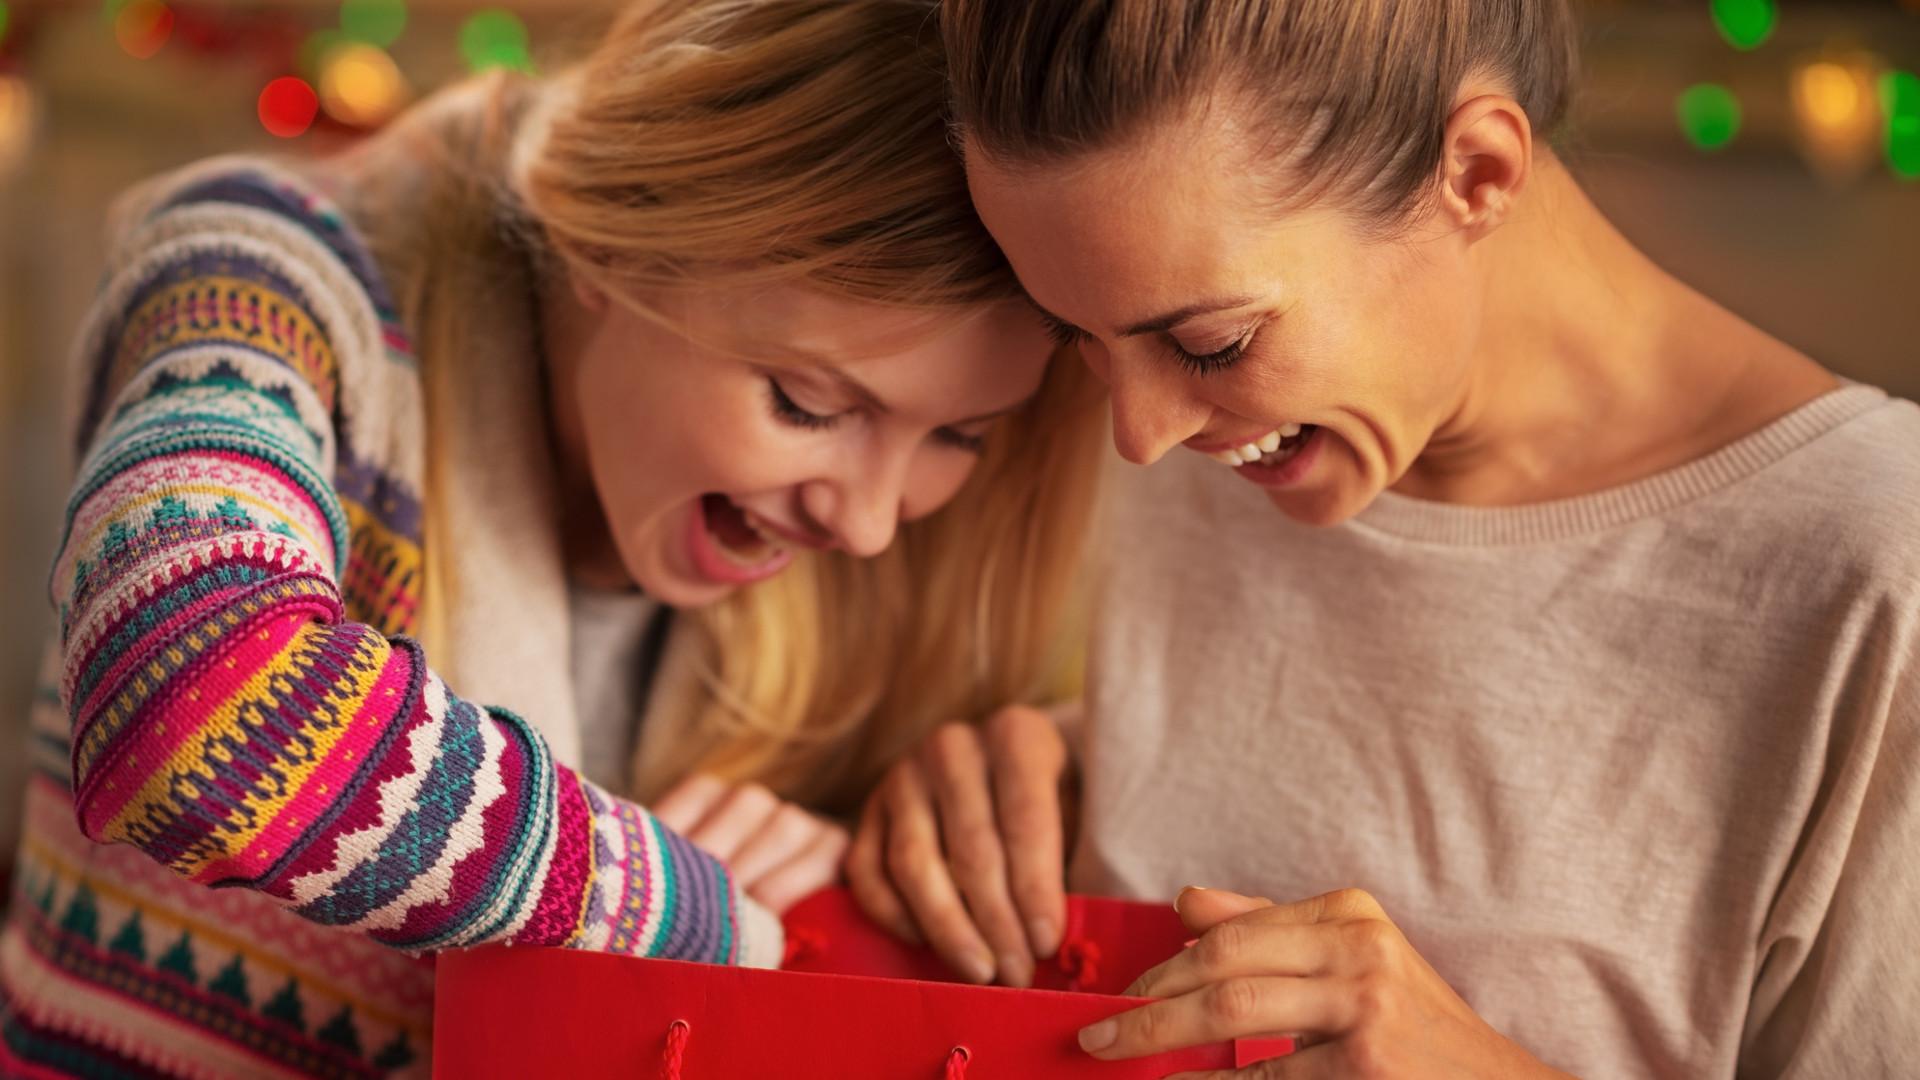 Idealny prezent dla przyjaciółki? Wybrałyśmy najładniejsze naszyjniki-celebrytki!